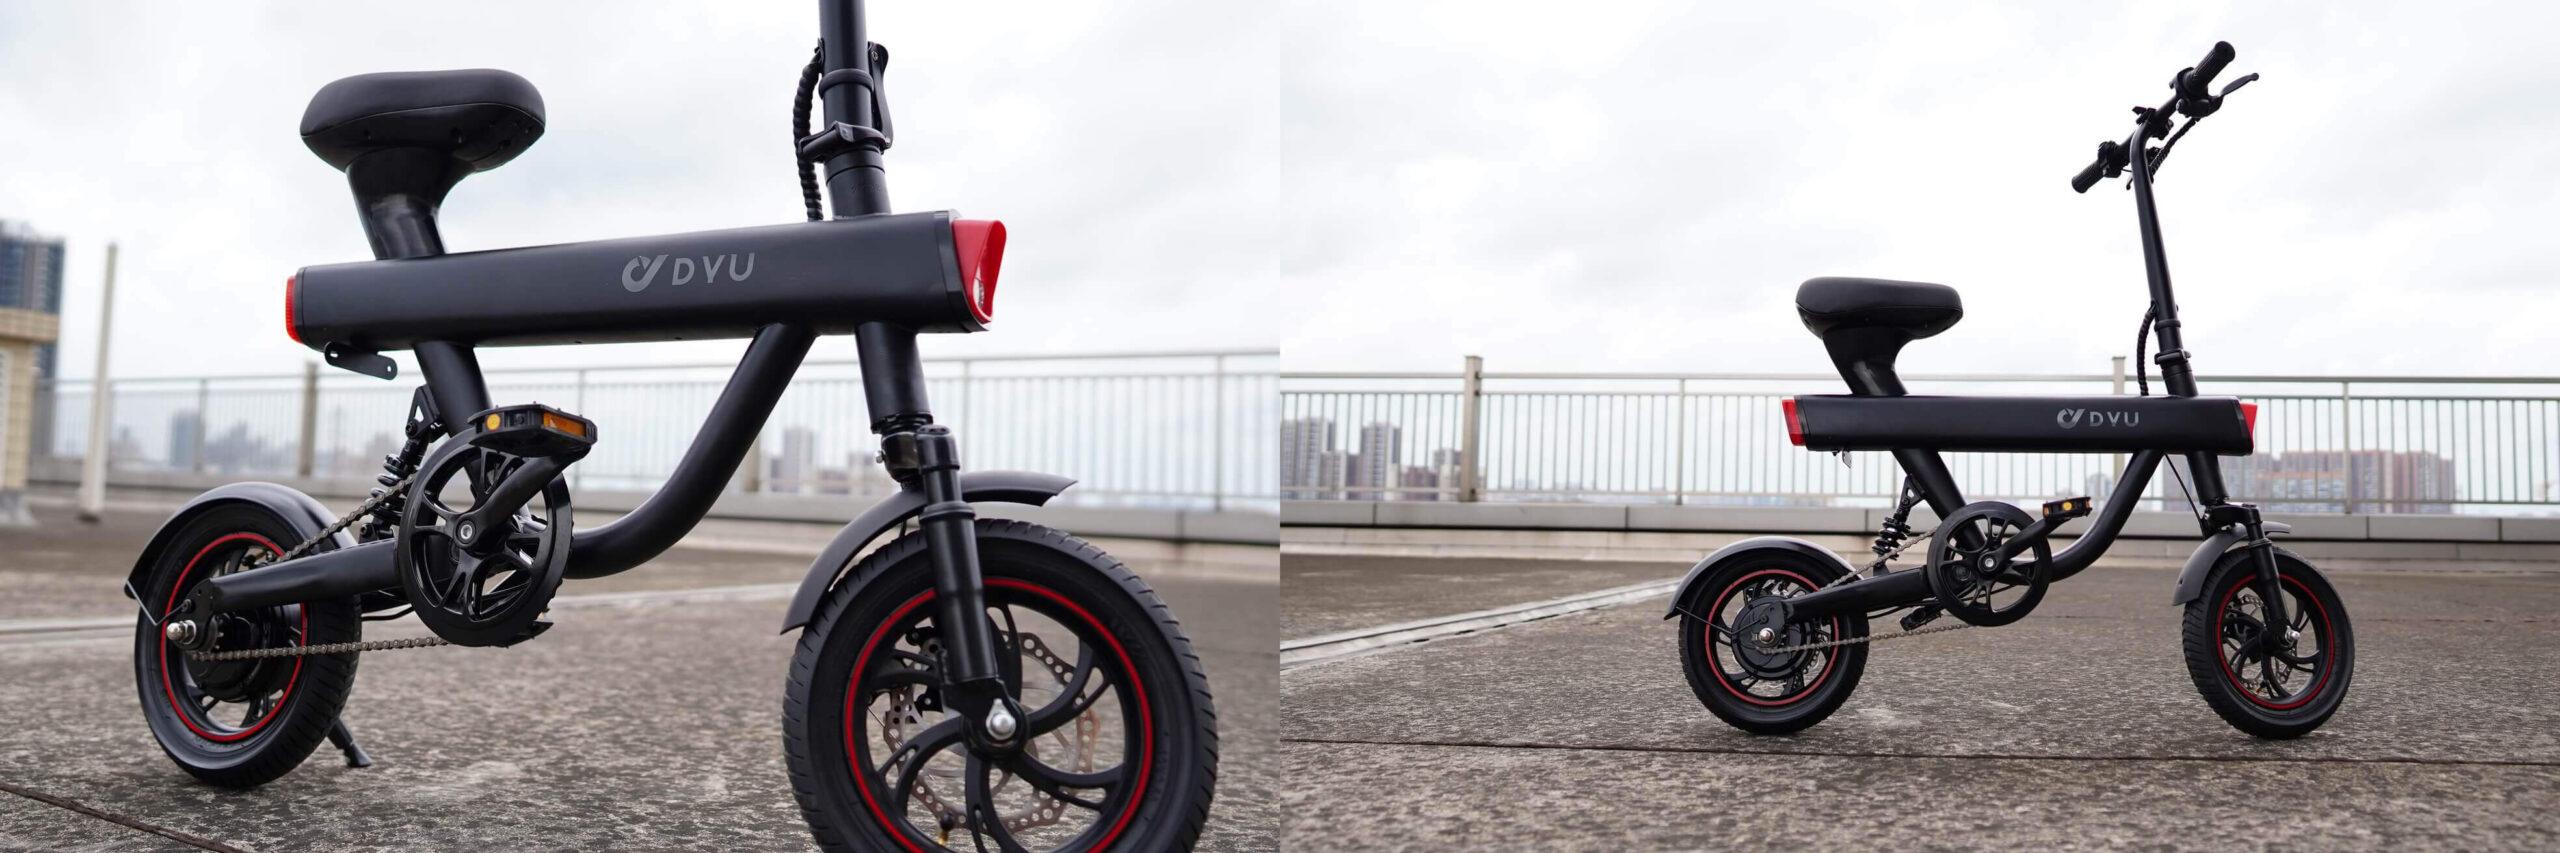 จักรยานไฟฟ้าV1-ดีไซน์